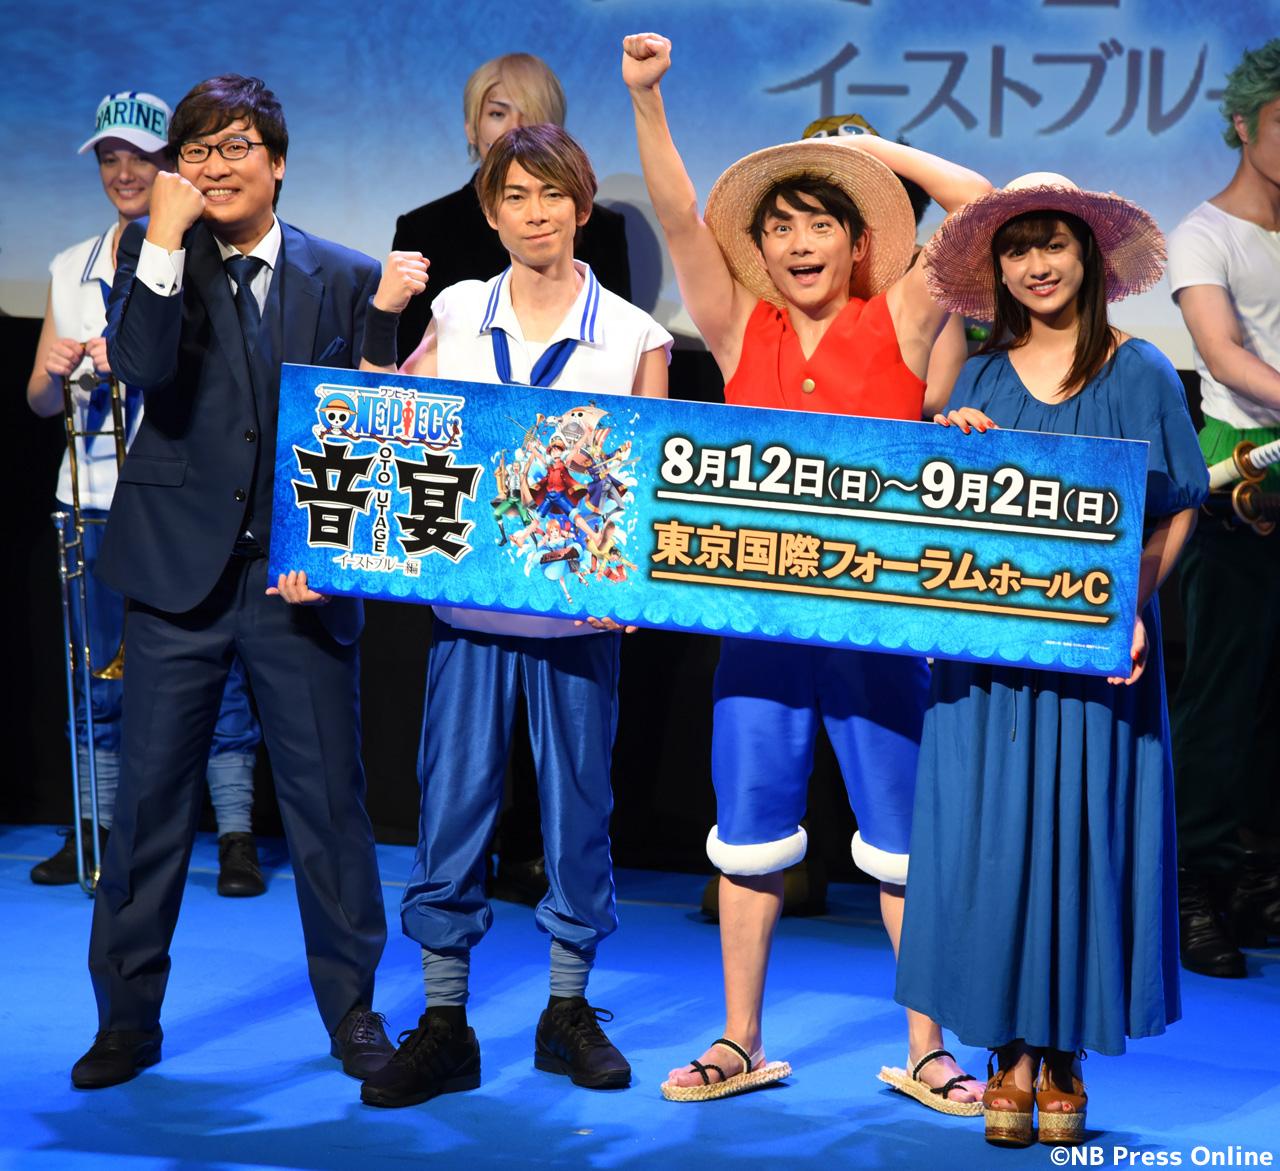 「ワンピース音宴〜イーストブルー編〜」制作発表記者会見